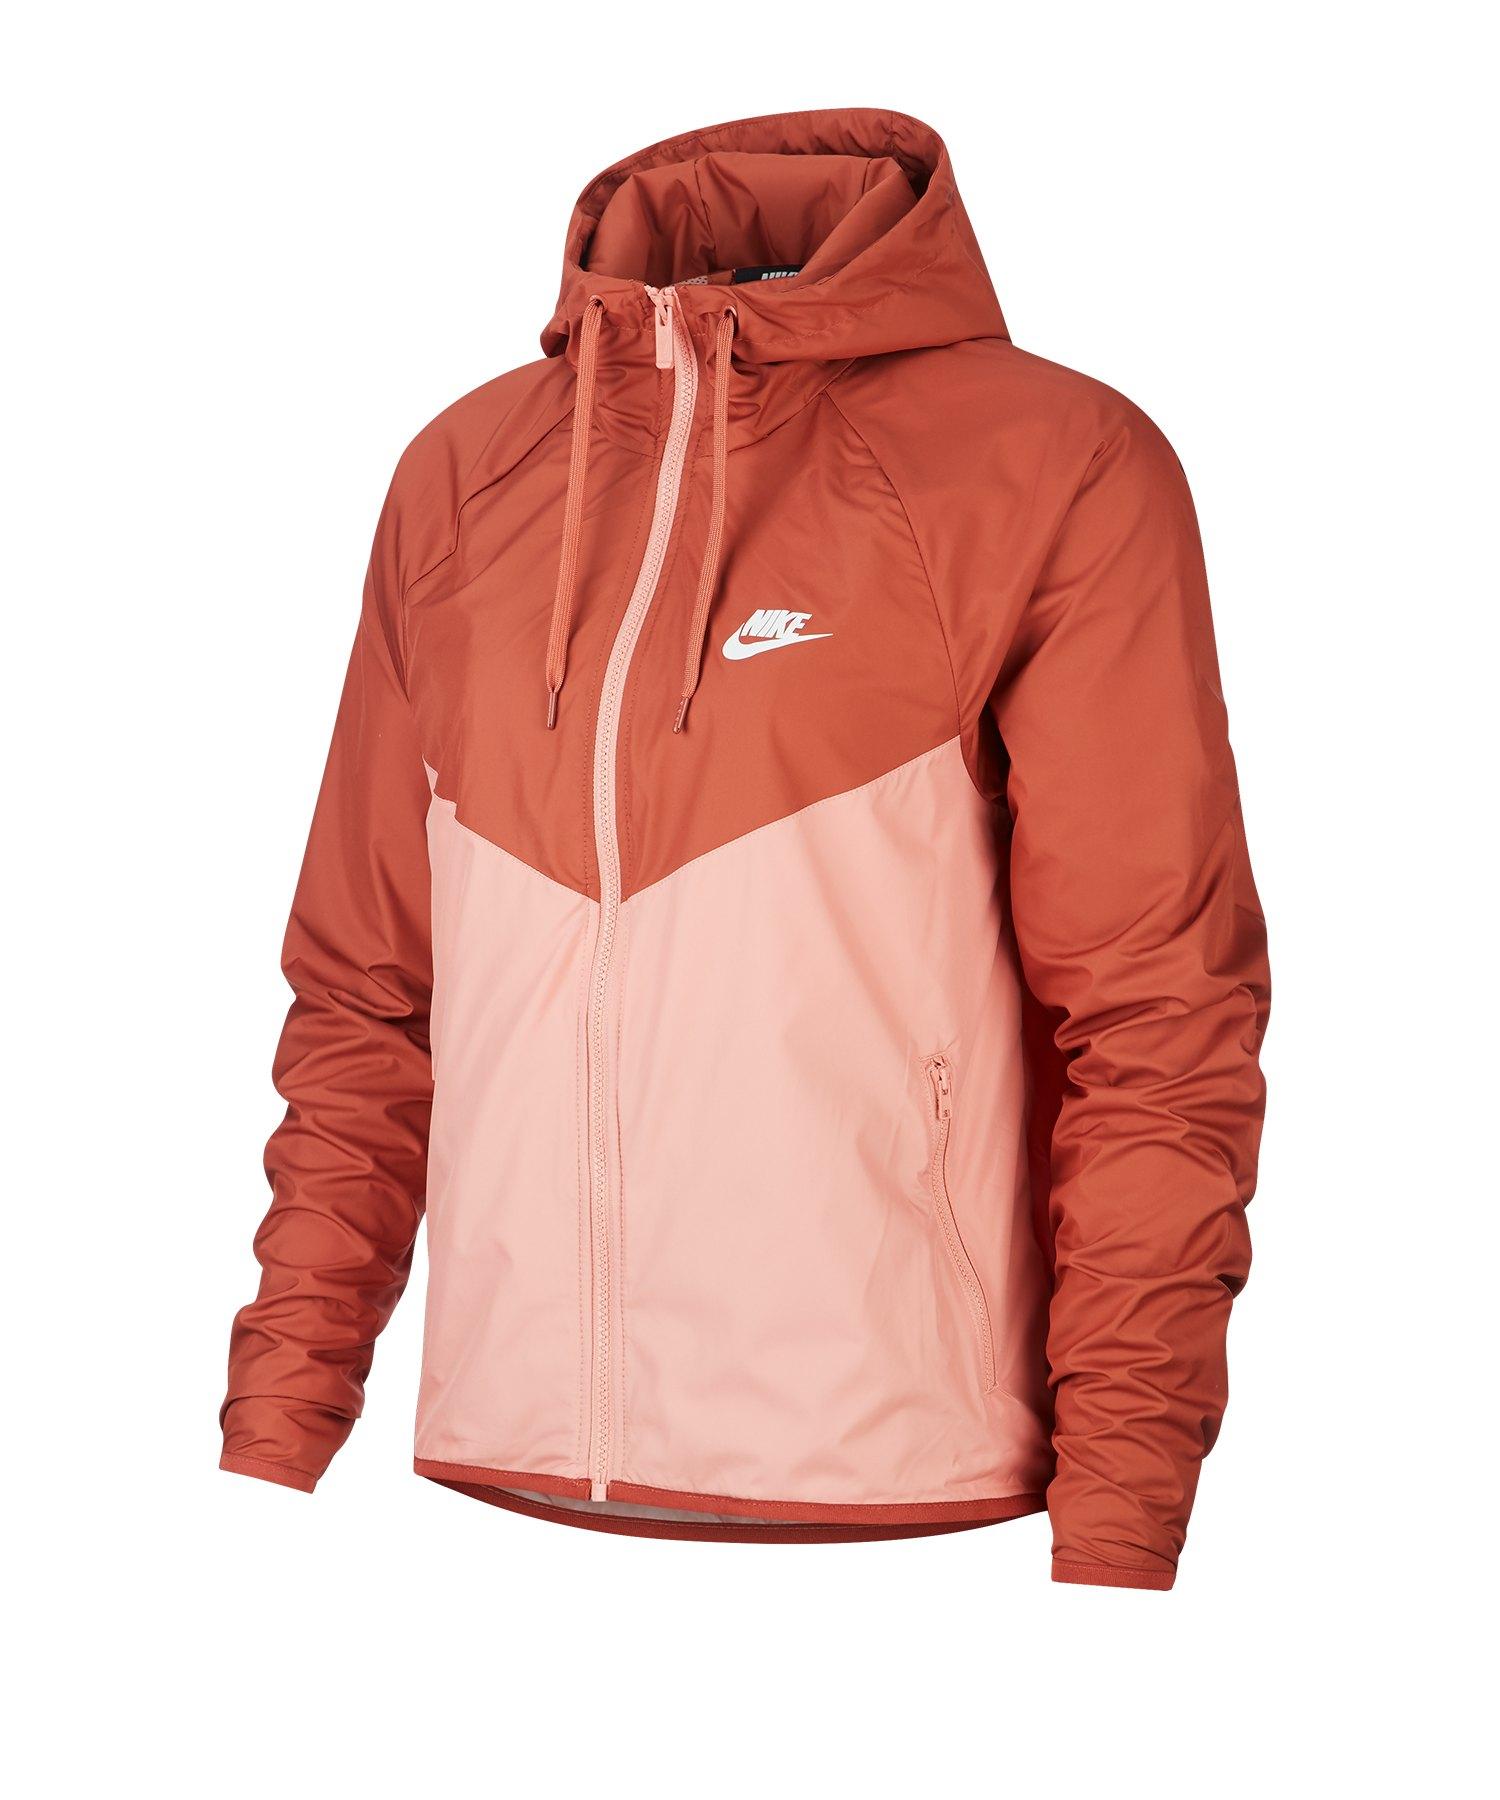 heißes Produkt am besten wählen abholen Nike Full-Zip Windrunner Jacke Damen F252